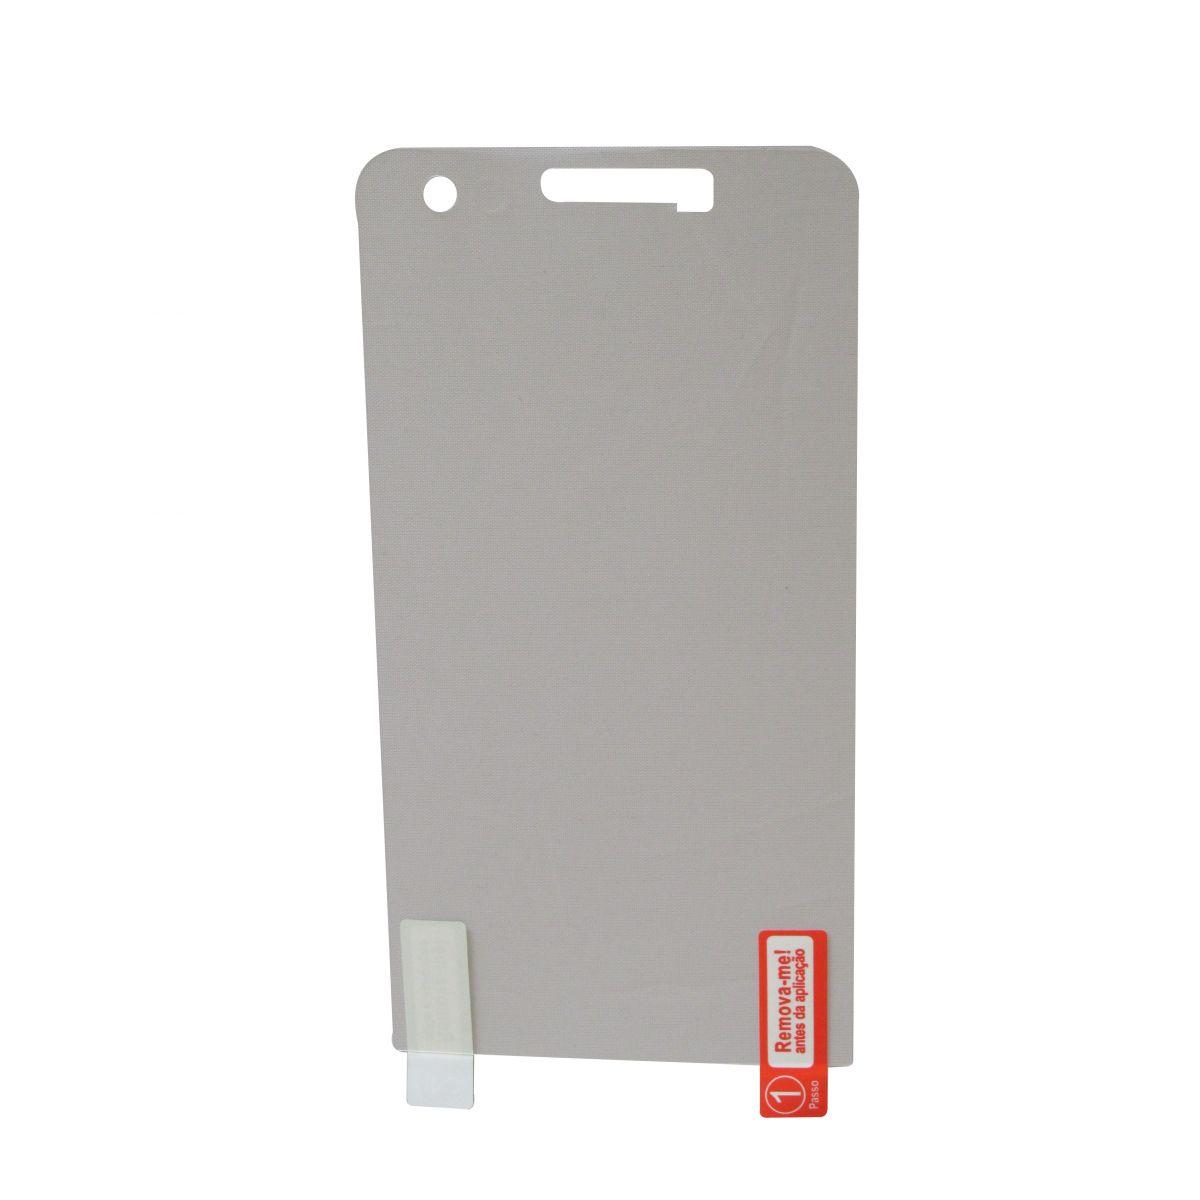 Película Protetora para Asus Zenfone 5 A501 - Fosca